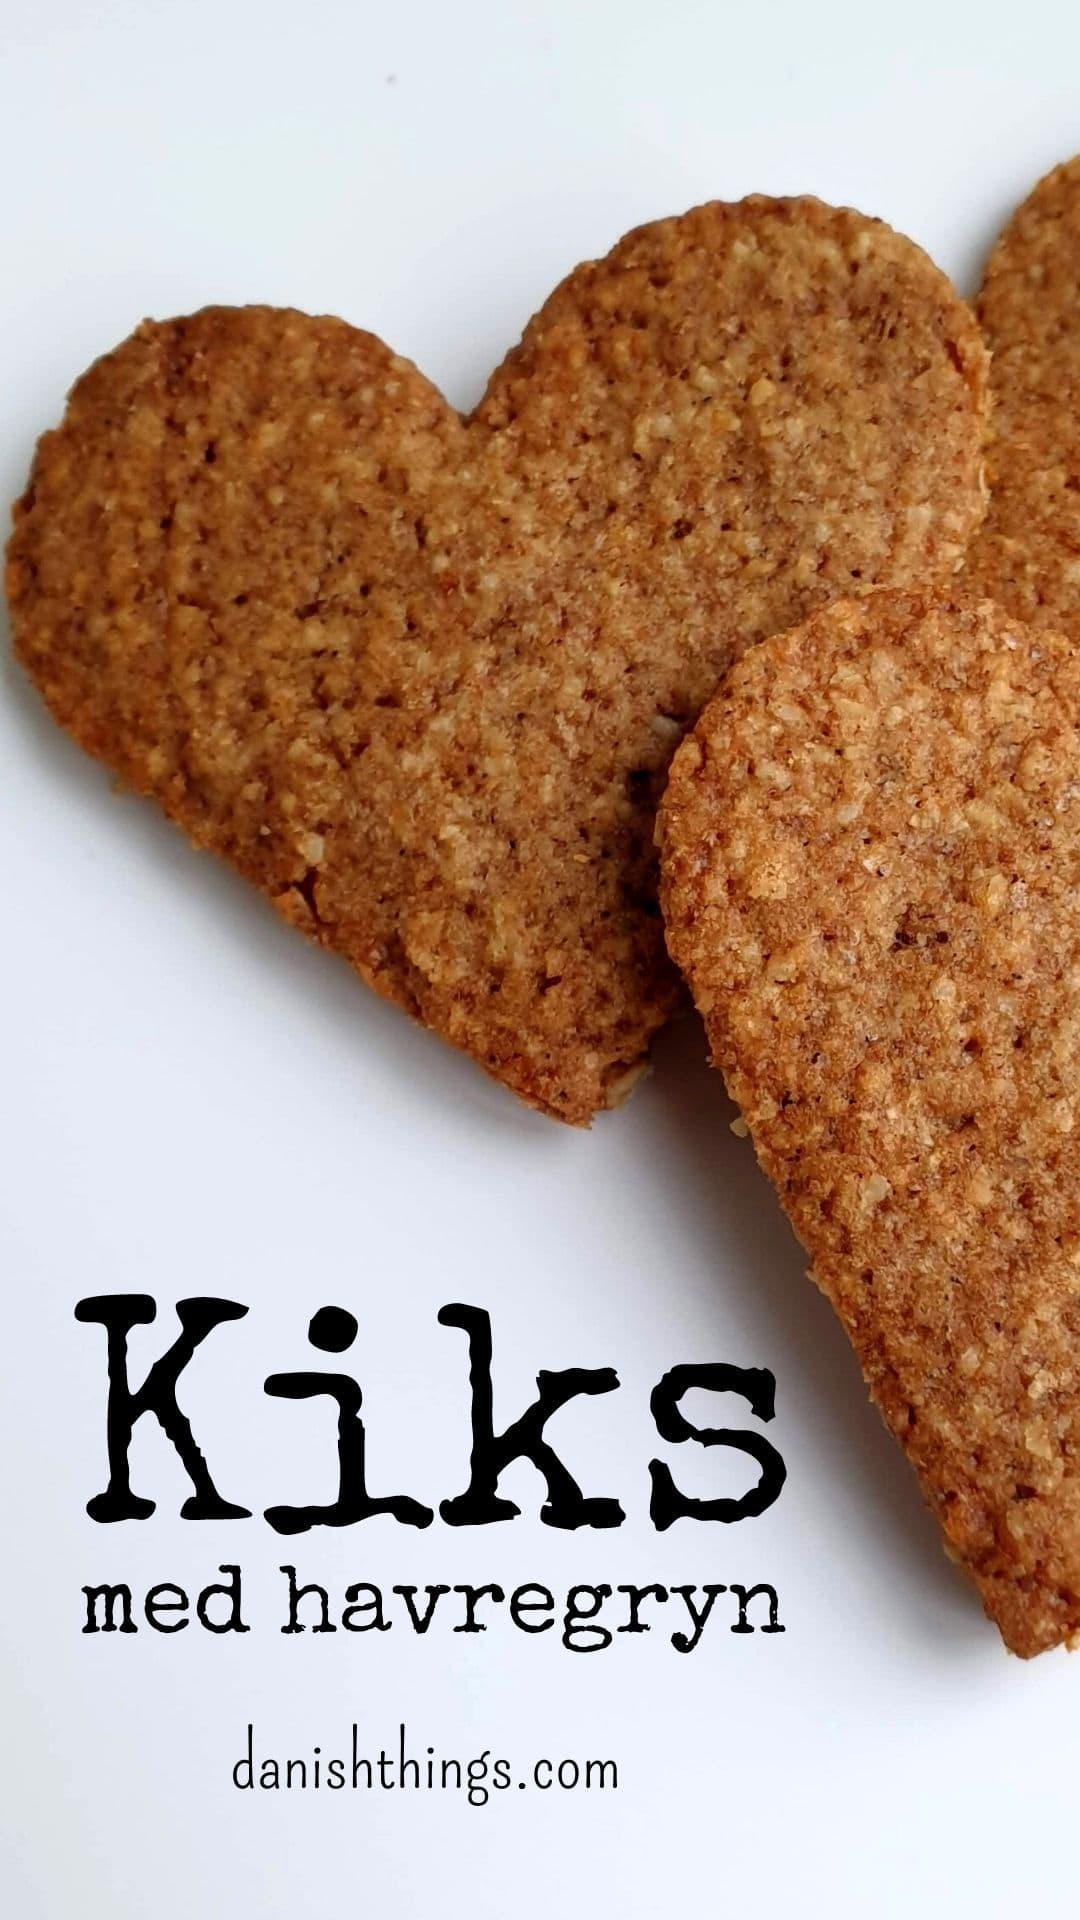 Havregrynskiks - grahamskiks – hjemmelavede digestive kiks. Lav nemt dine egne søde kiks til ostebordet, cheesecakes eller snacks. Skær dem i den form du har lyst, og sæt dit eget præg på smagen. Find opskrifter, gratis print og inspiration til årets gang på danishthings.com #DanishThings #kiks #havregryn #digestive #havregrynskiks #grahamskiks #hjemmelavet #opskrift